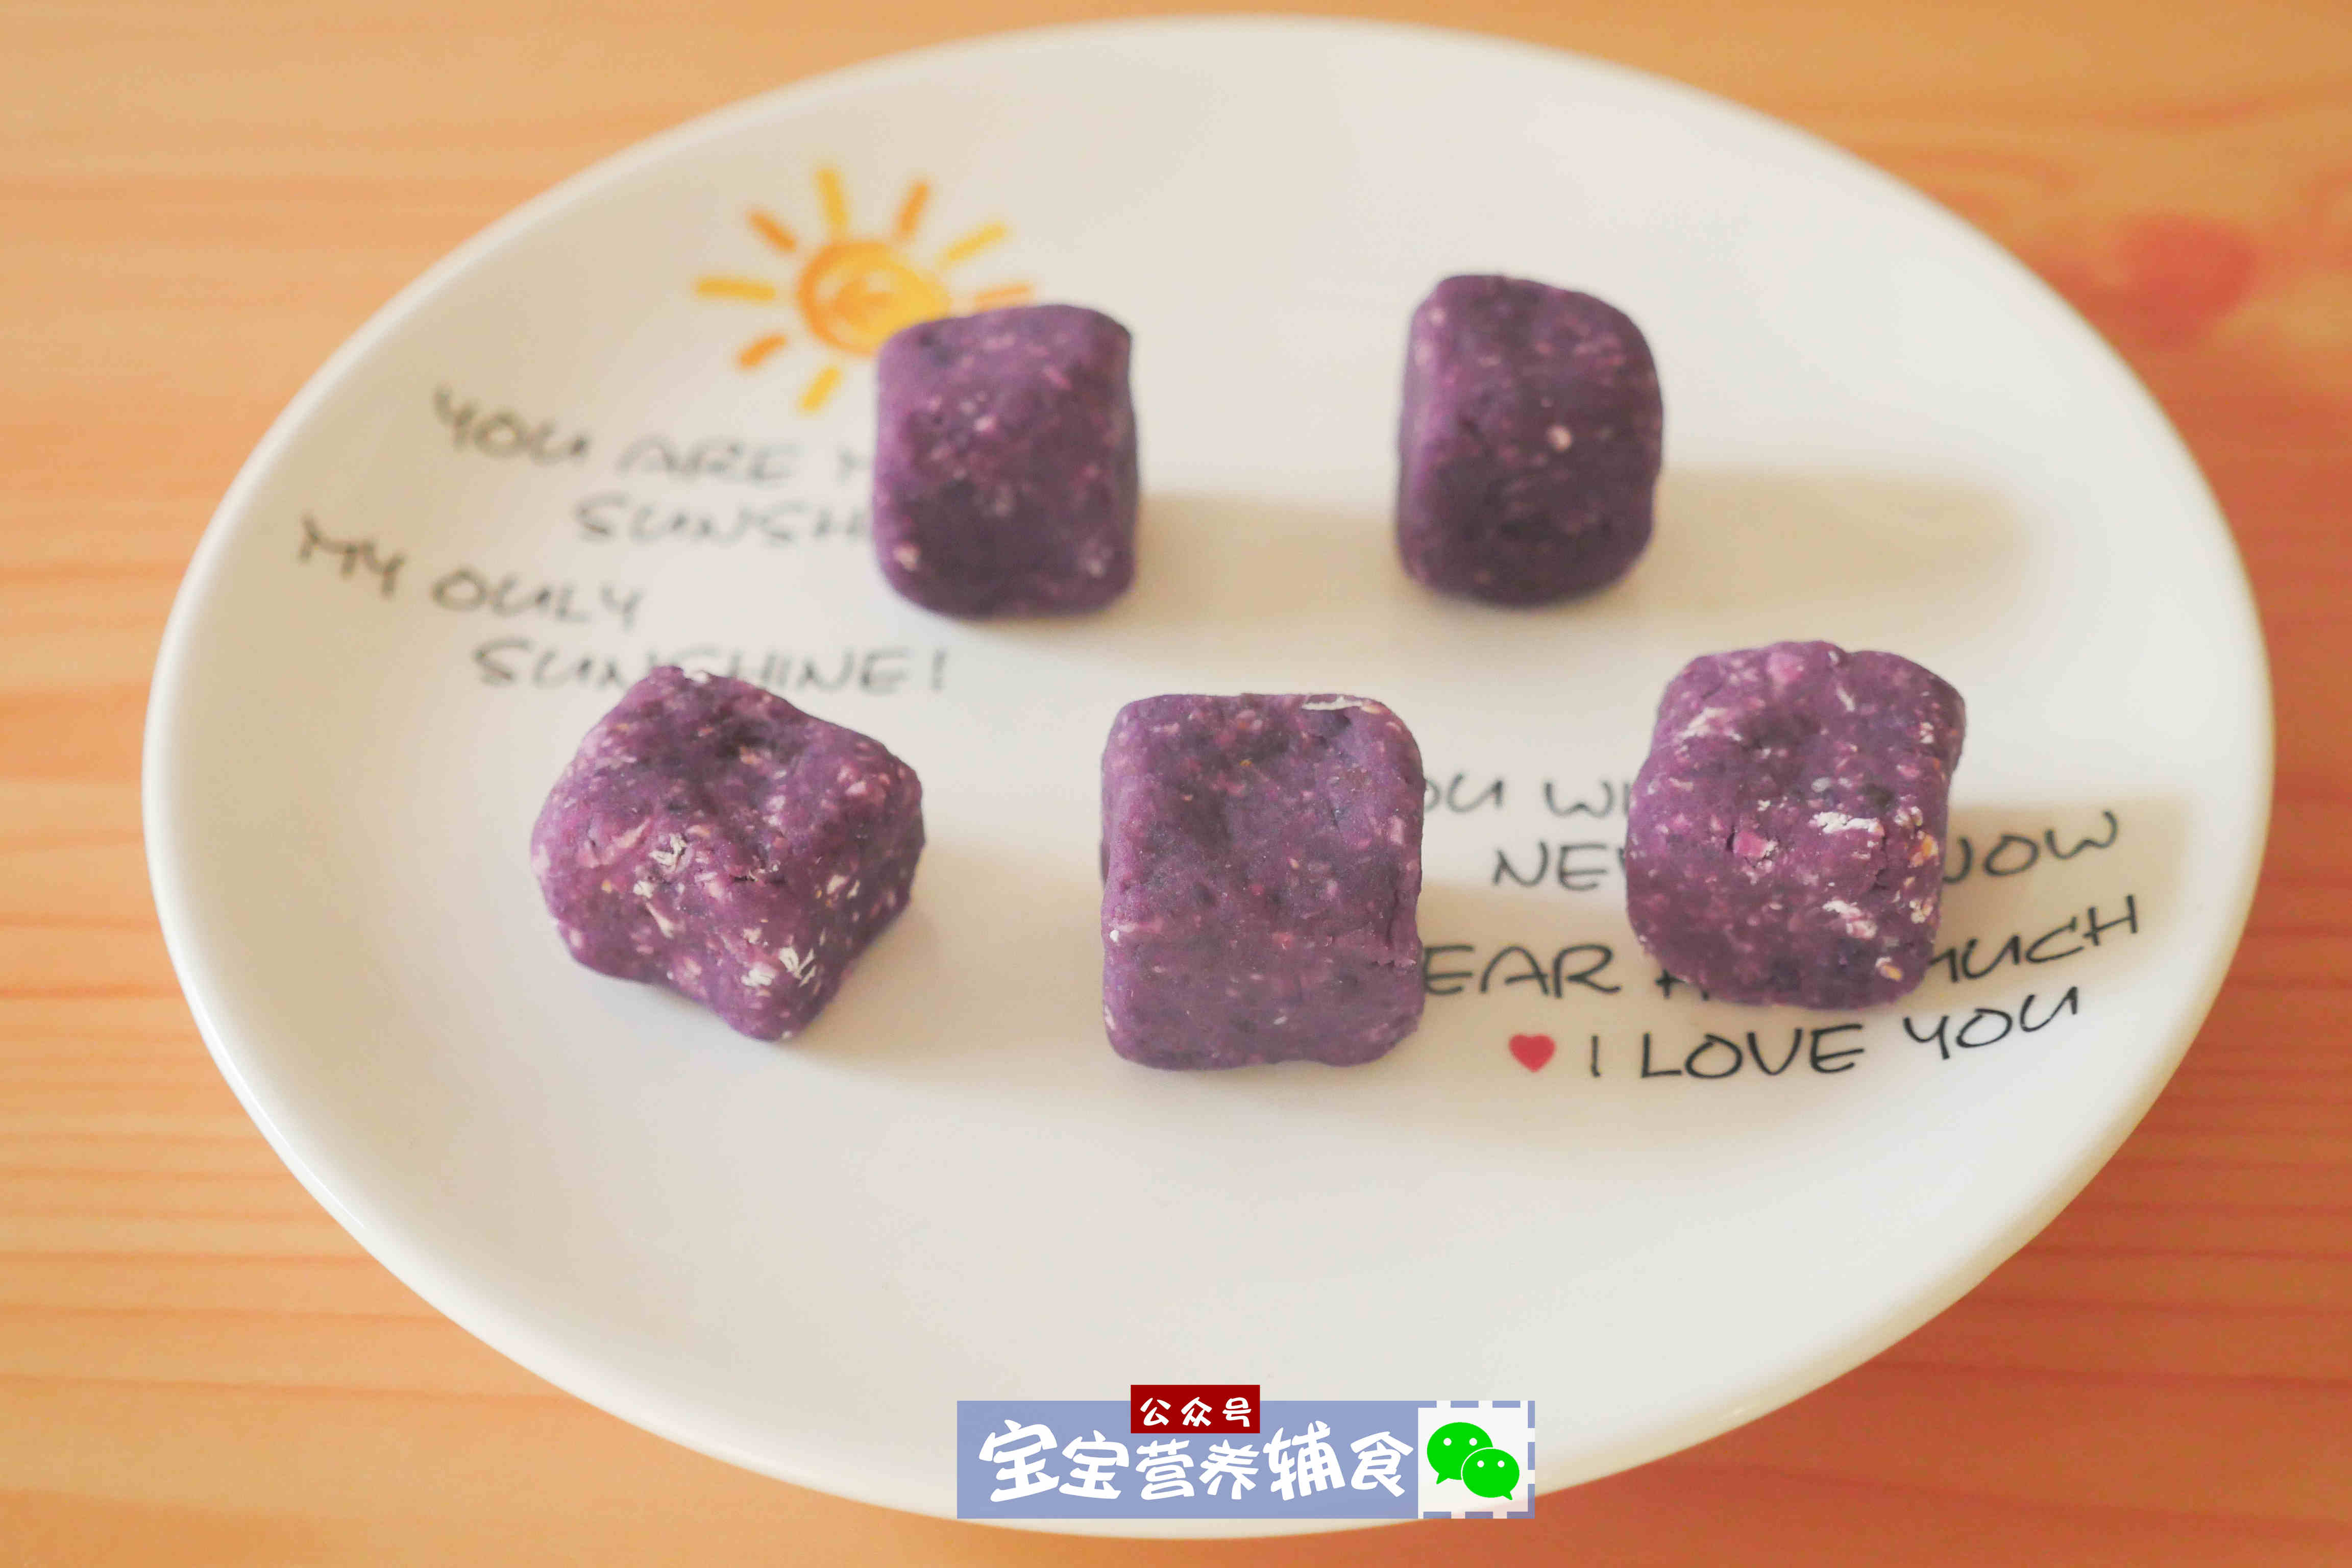 美食-免费yoqq紫薯爆浆燕麦方~宝宝辅食yoqq资源(15)